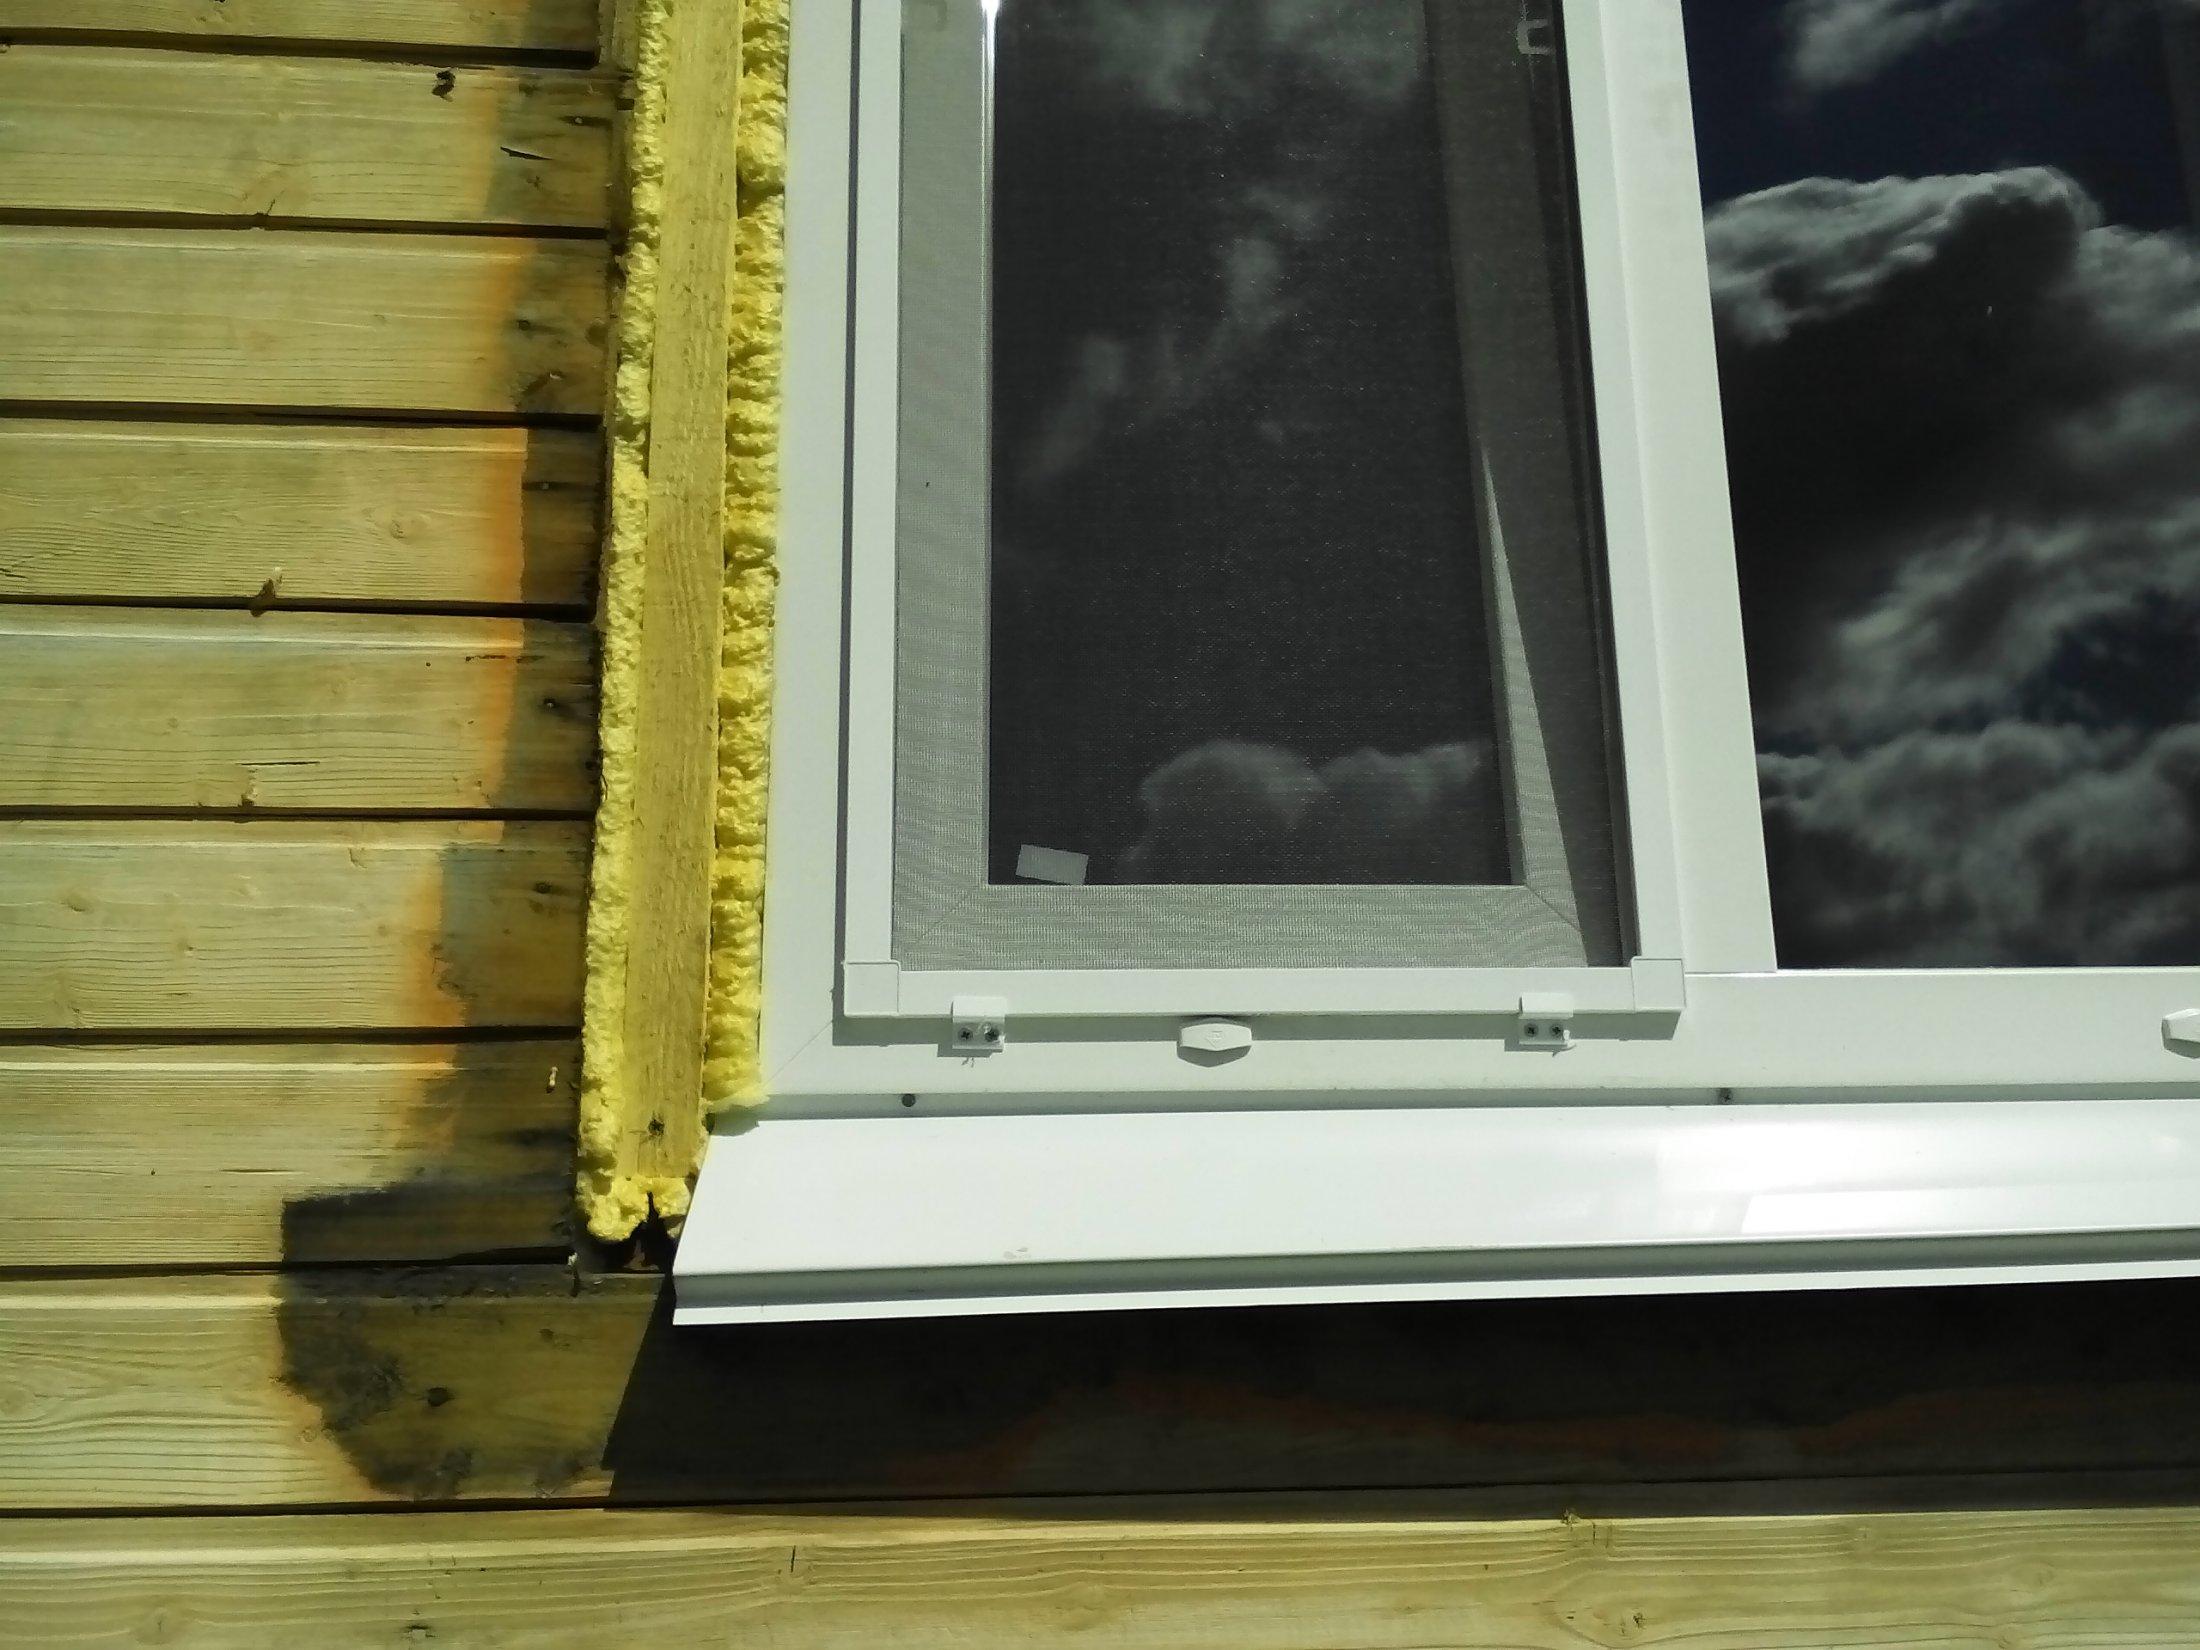 откосы на окна в деревянном доме фото интерьеры кафе быстрого